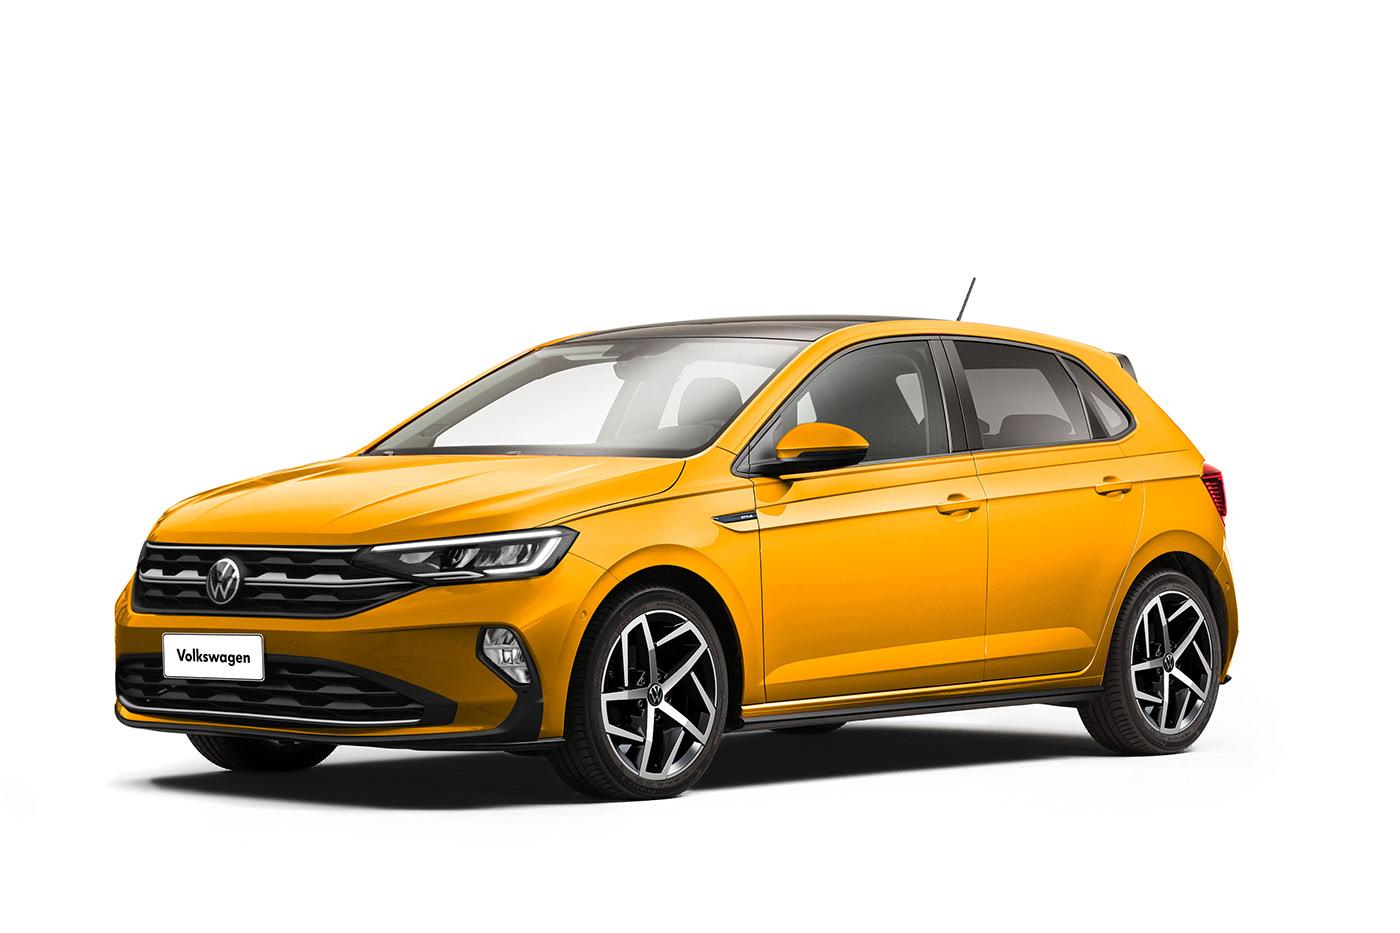 Nuova Volkswagen Polo 2021 Il Restyling In Anteprima Autoprove It